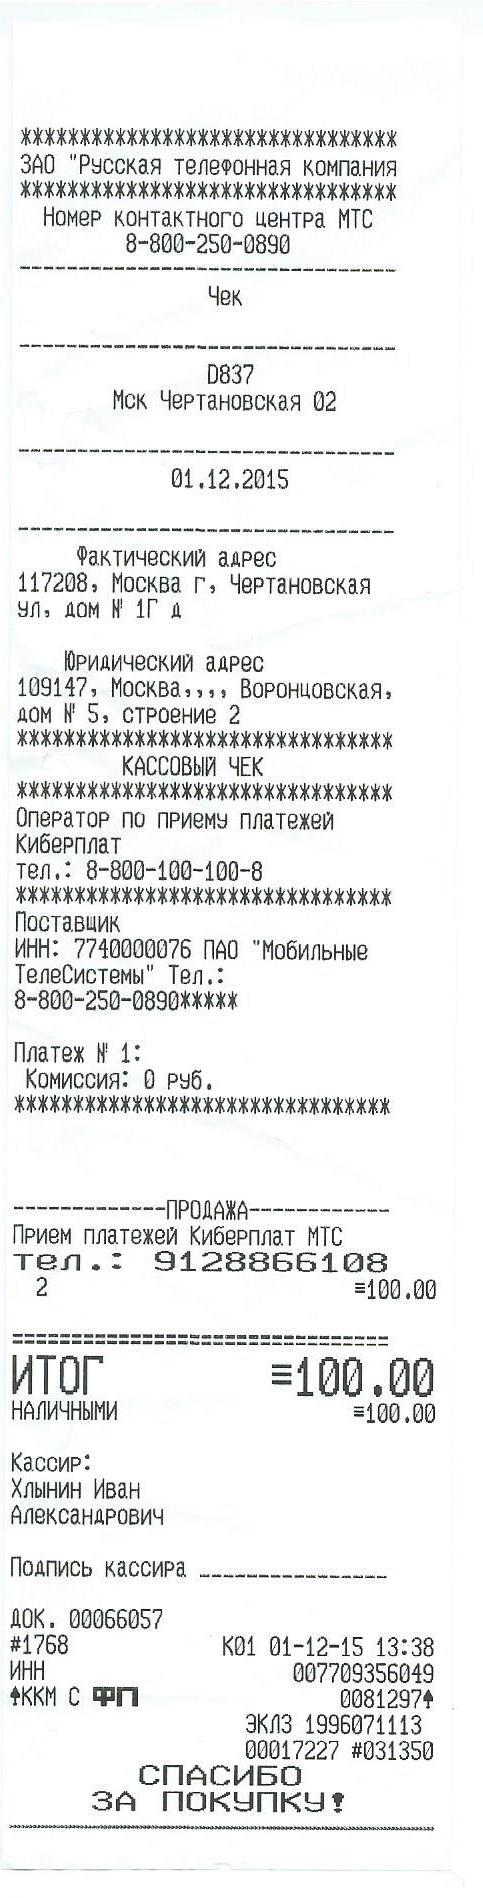 """Закрытый реестр выгодоприобретателей """"ЦЕЛЕВОЙ КАПИТАЛ"""""""